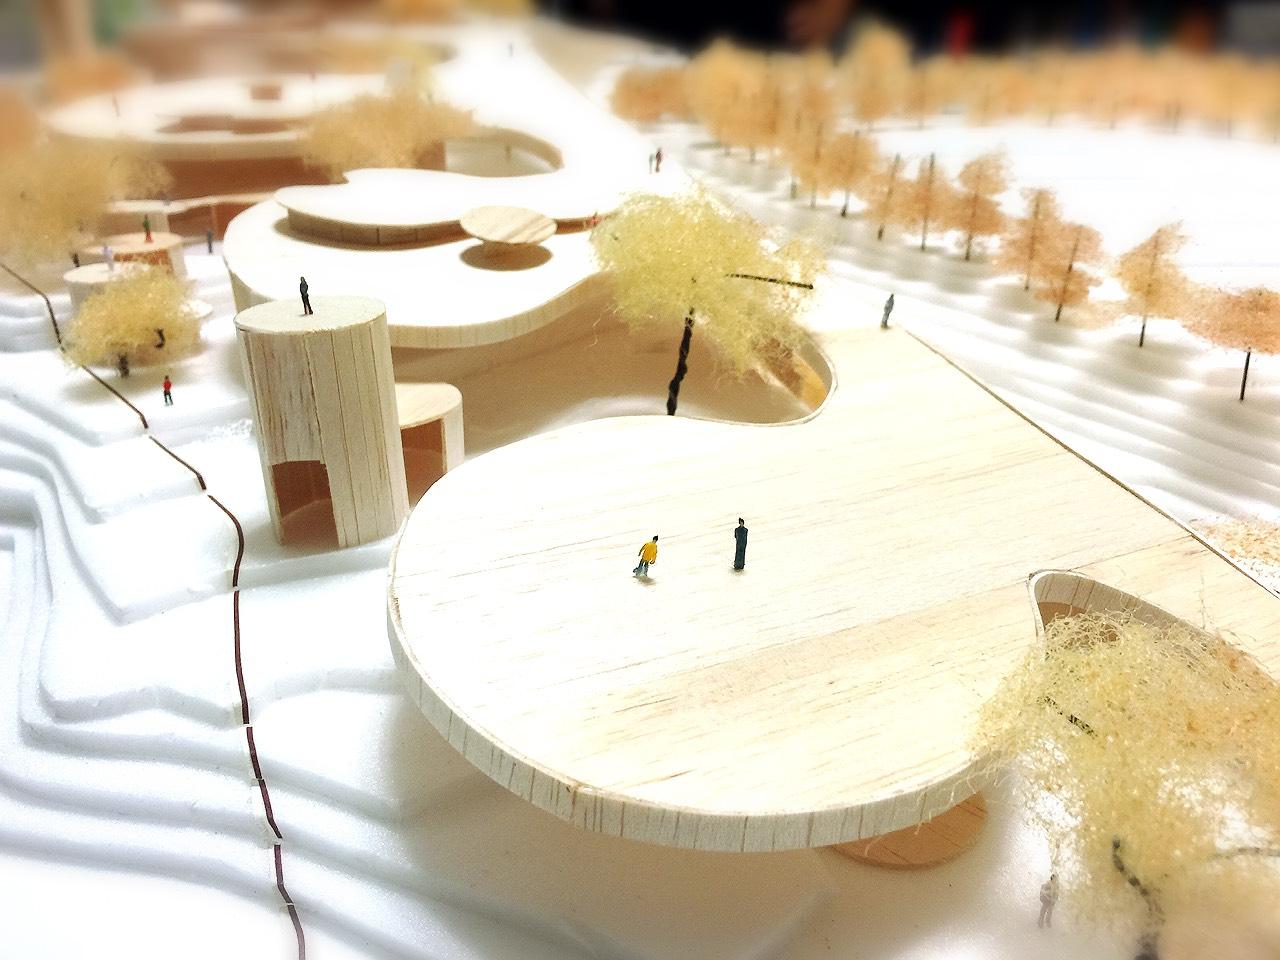 德築-DEZU-project-龍潭森活村-architecture-building-model-5